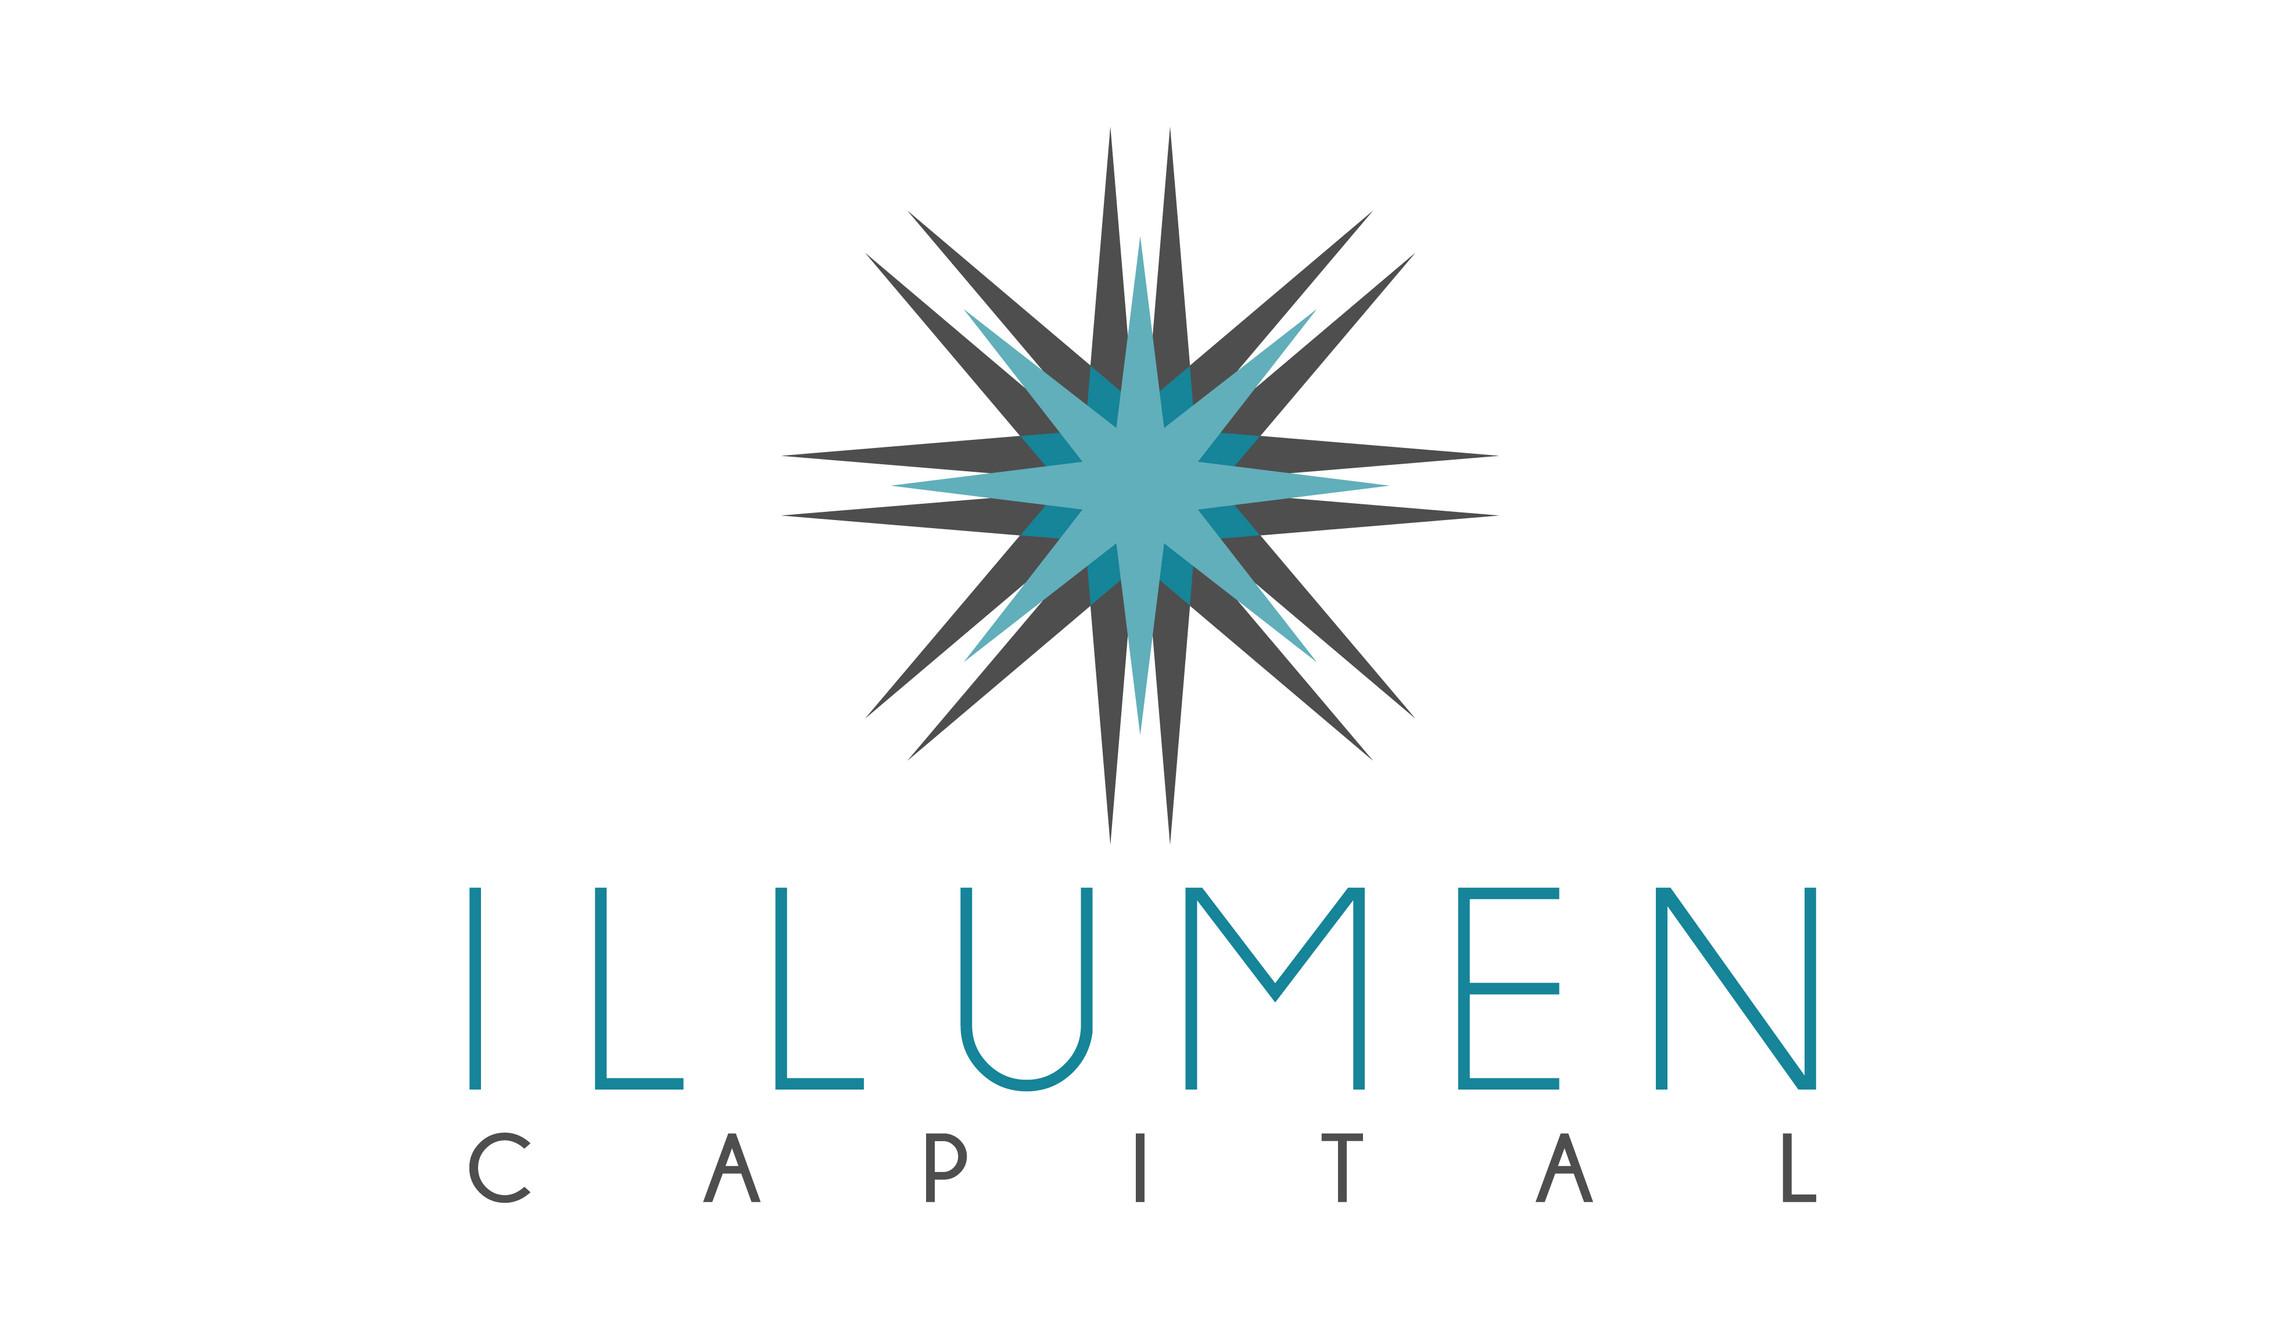 ILLUMEN CAPITAL | To a Brighter Future